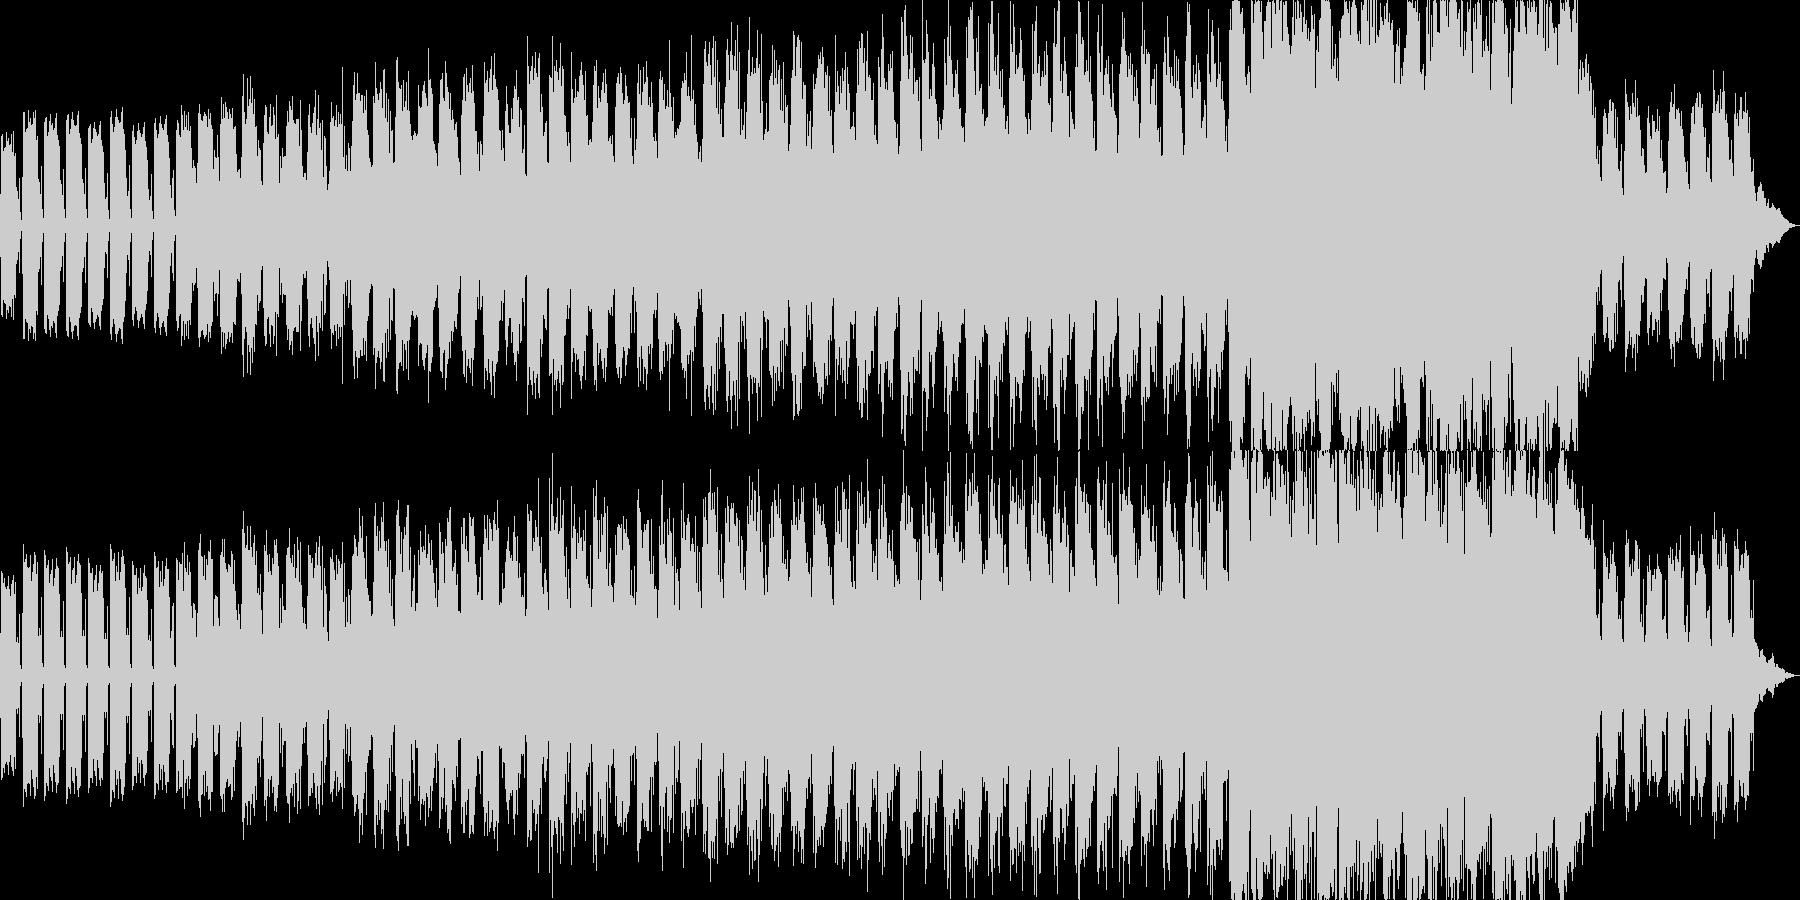 映画音楽、シネマティック映像向け-14の未再生の波形